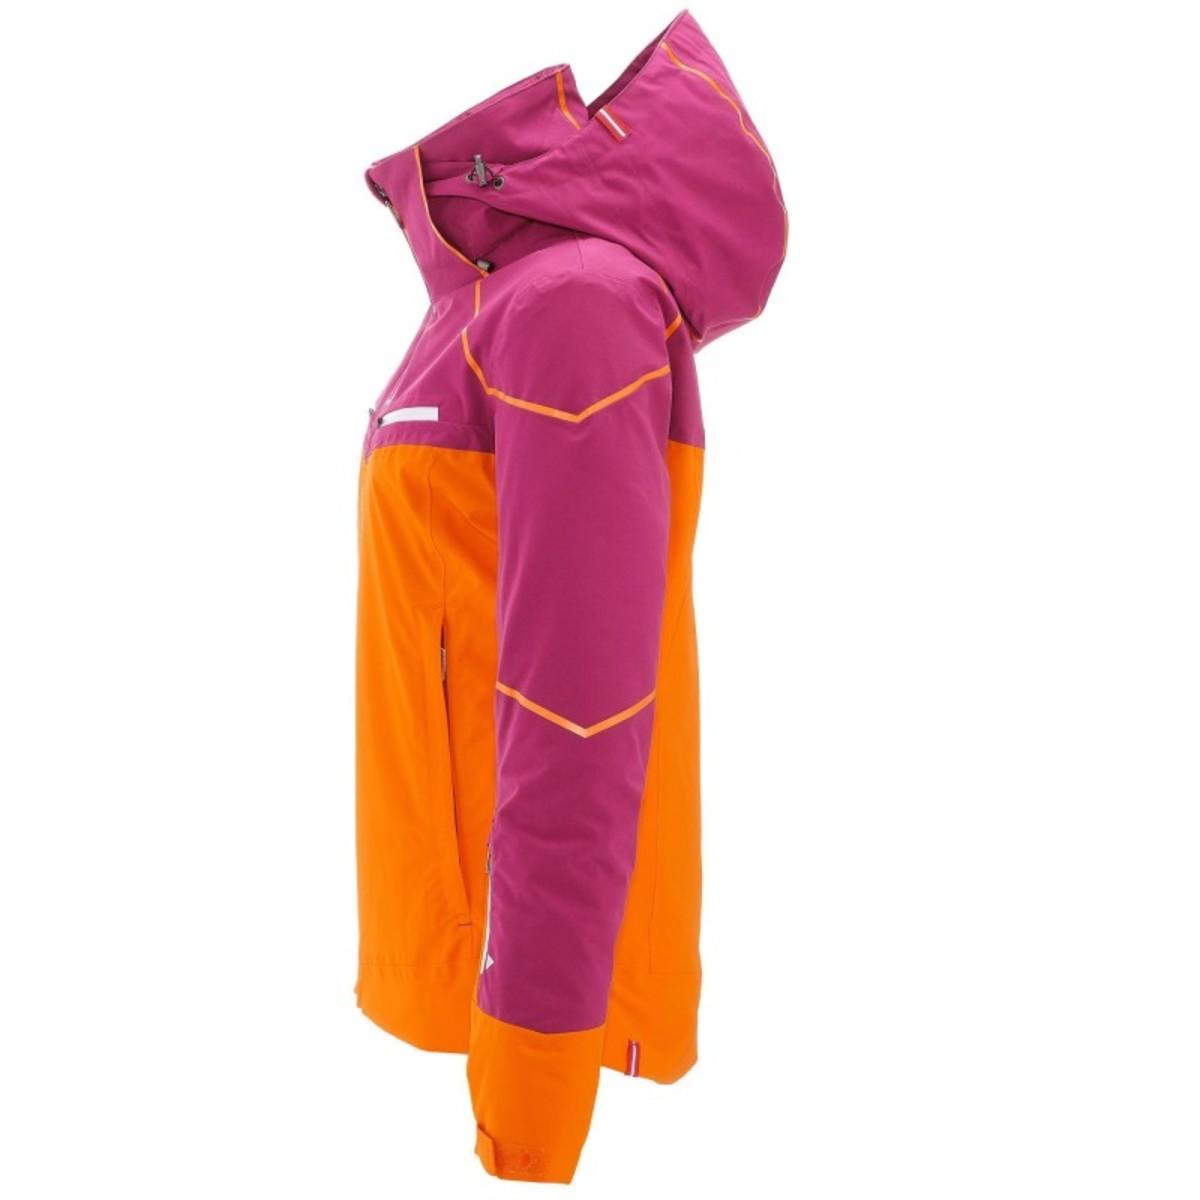 Bild 4 von WED´ZE Skijacke Slide 700 Damen lila/orange, Größe: XS